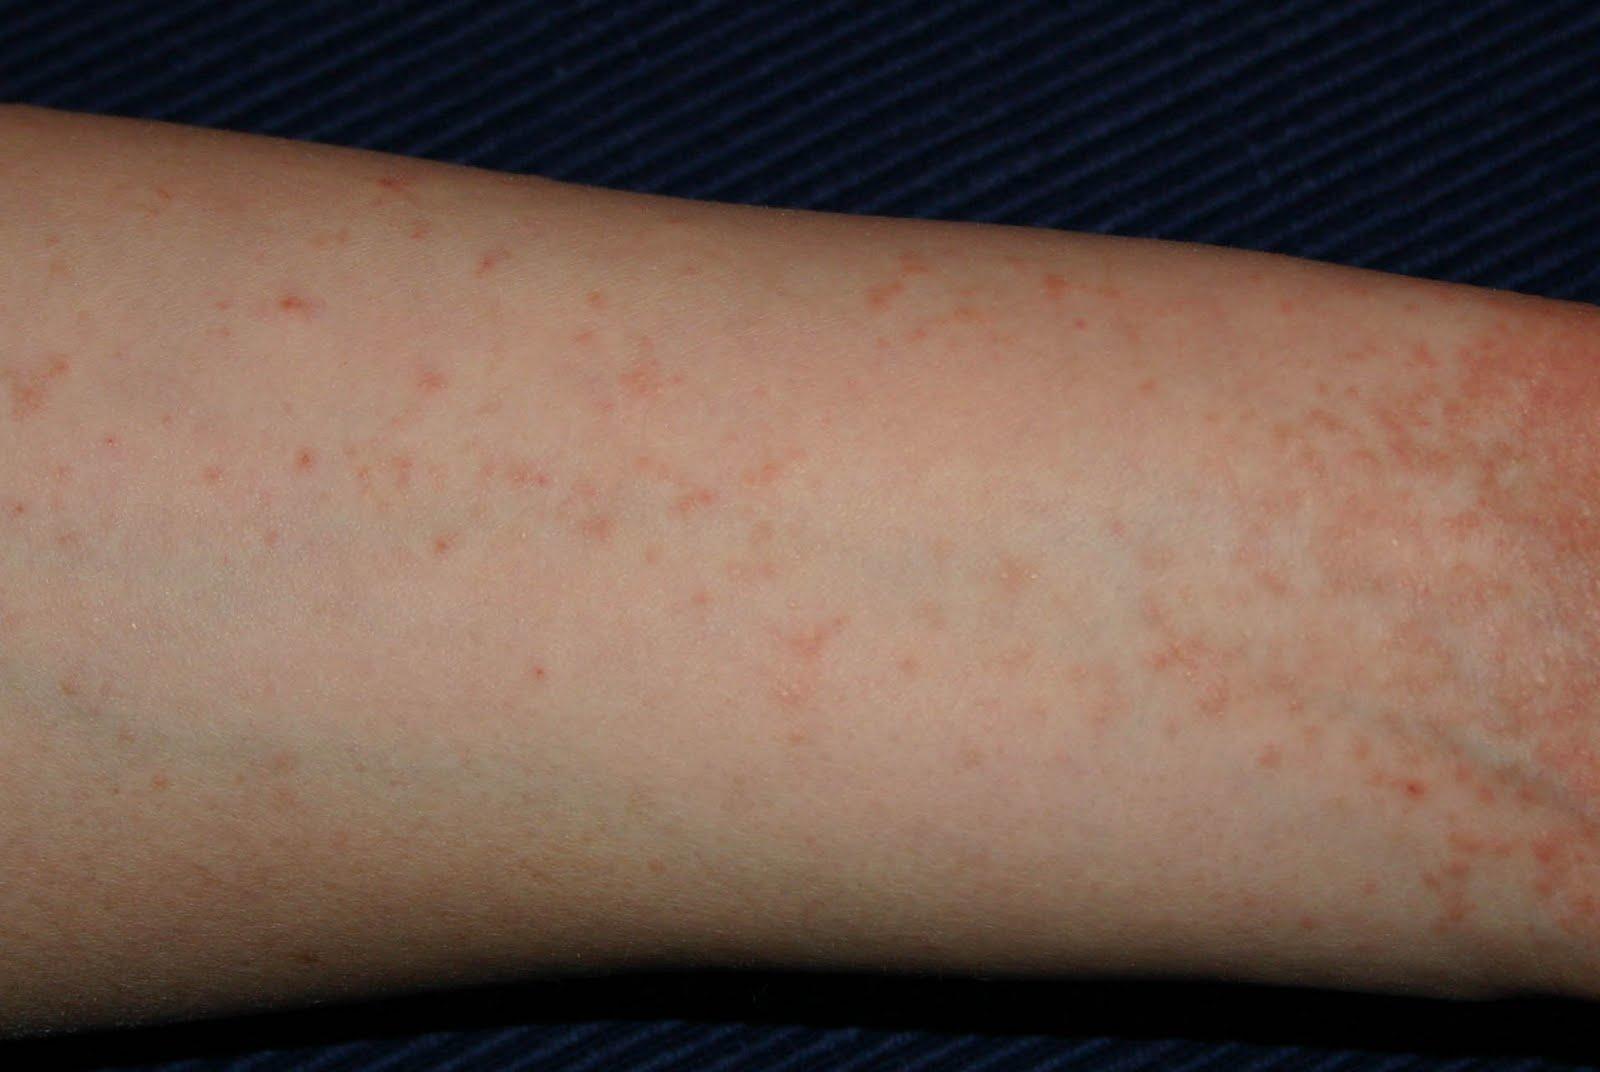 kiütés vörös foltok formájában a lábakon speciális emolium krém pikkelysömörhöz